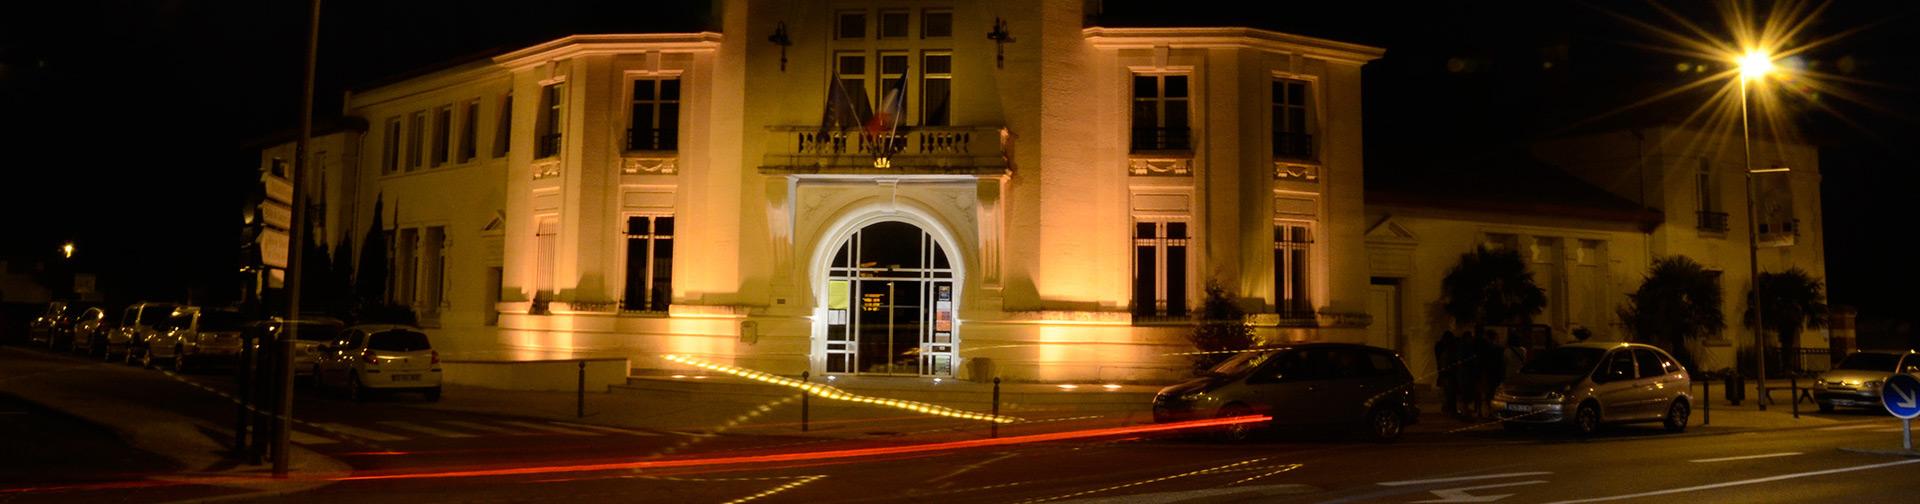 mairie_header2